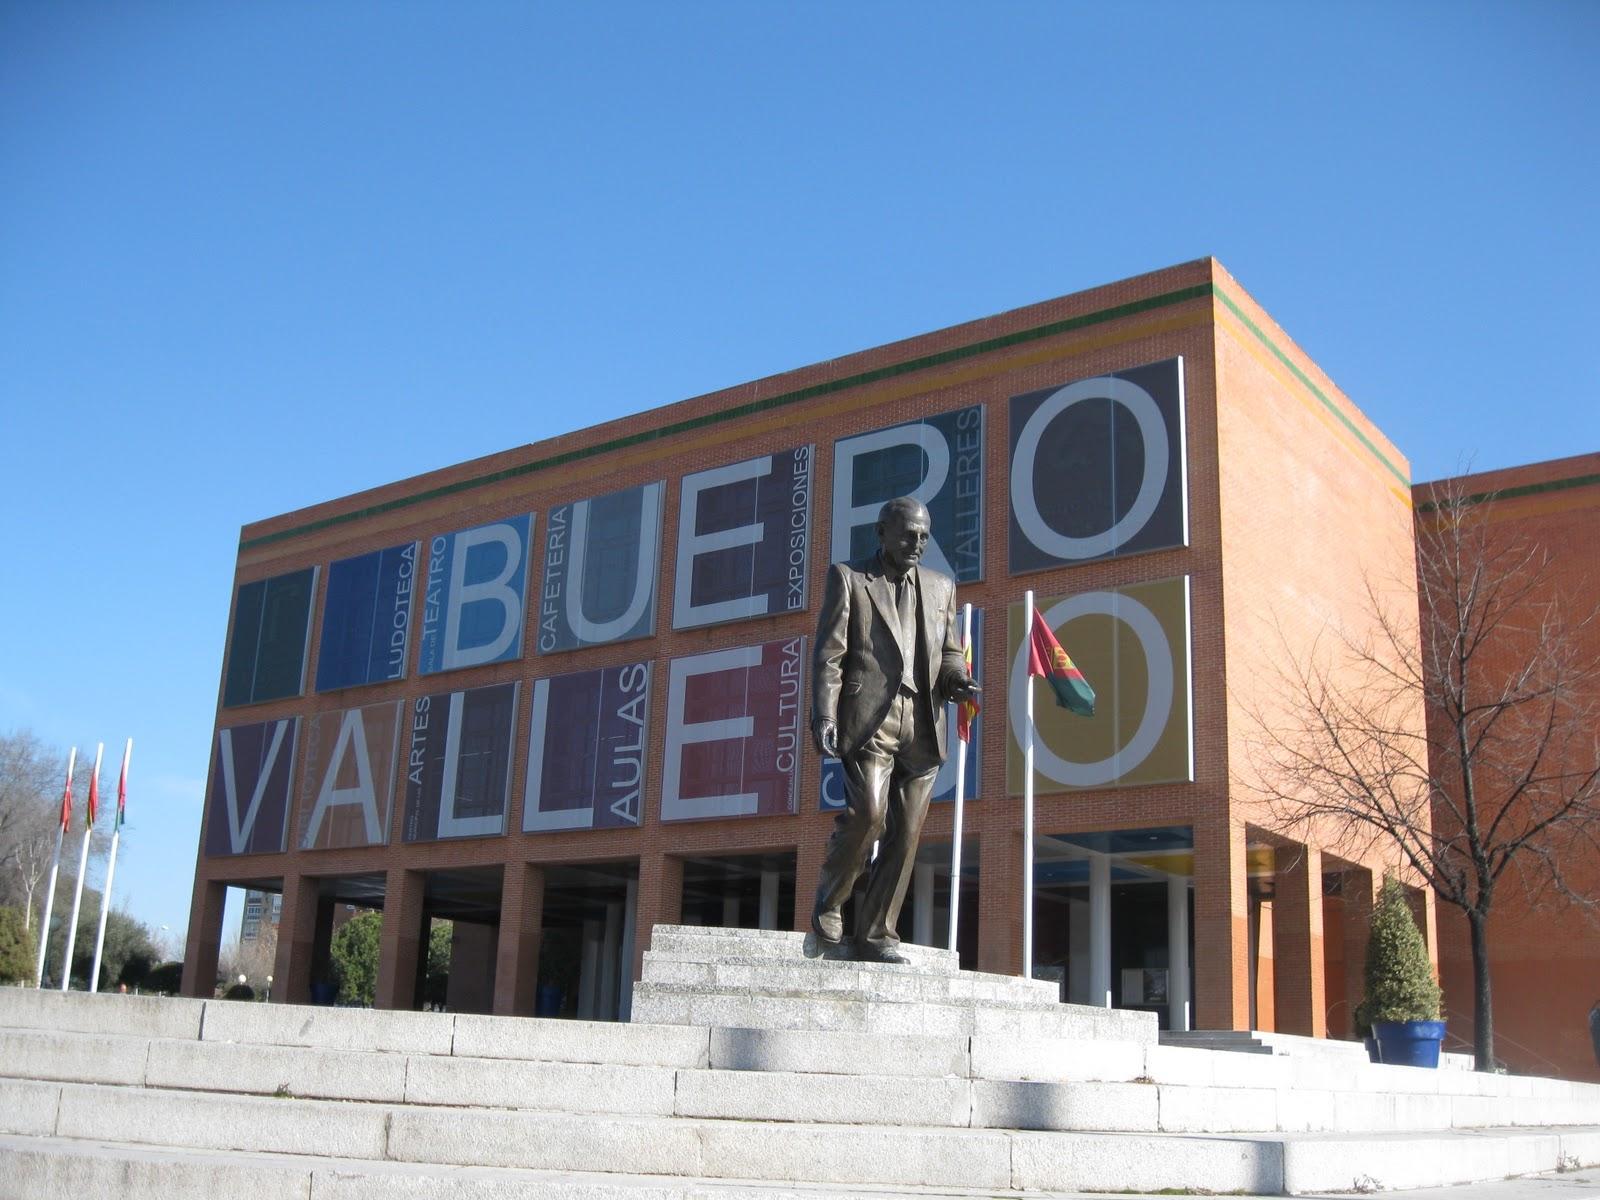 Vecinos por alcorc n est sucediendo en el teatro - Teatro buero vallejo alcorcon ...